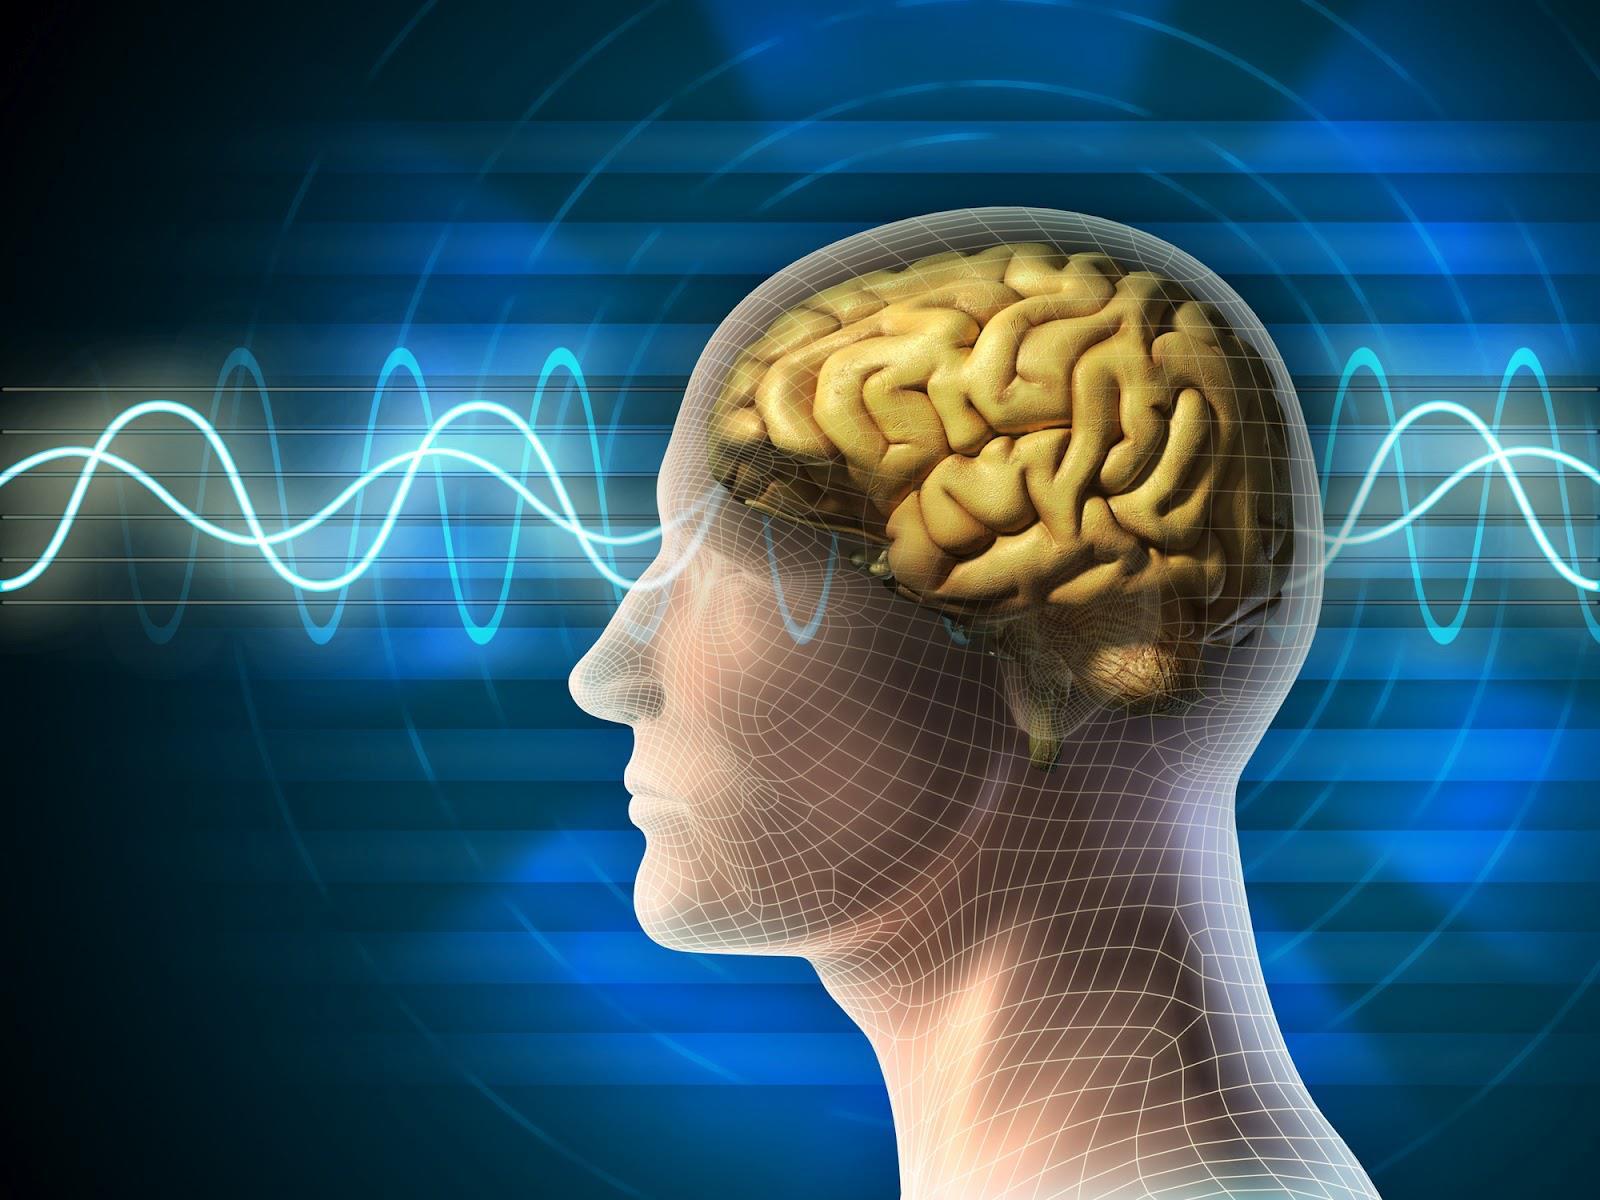 загрезненный воздух влияет на психику